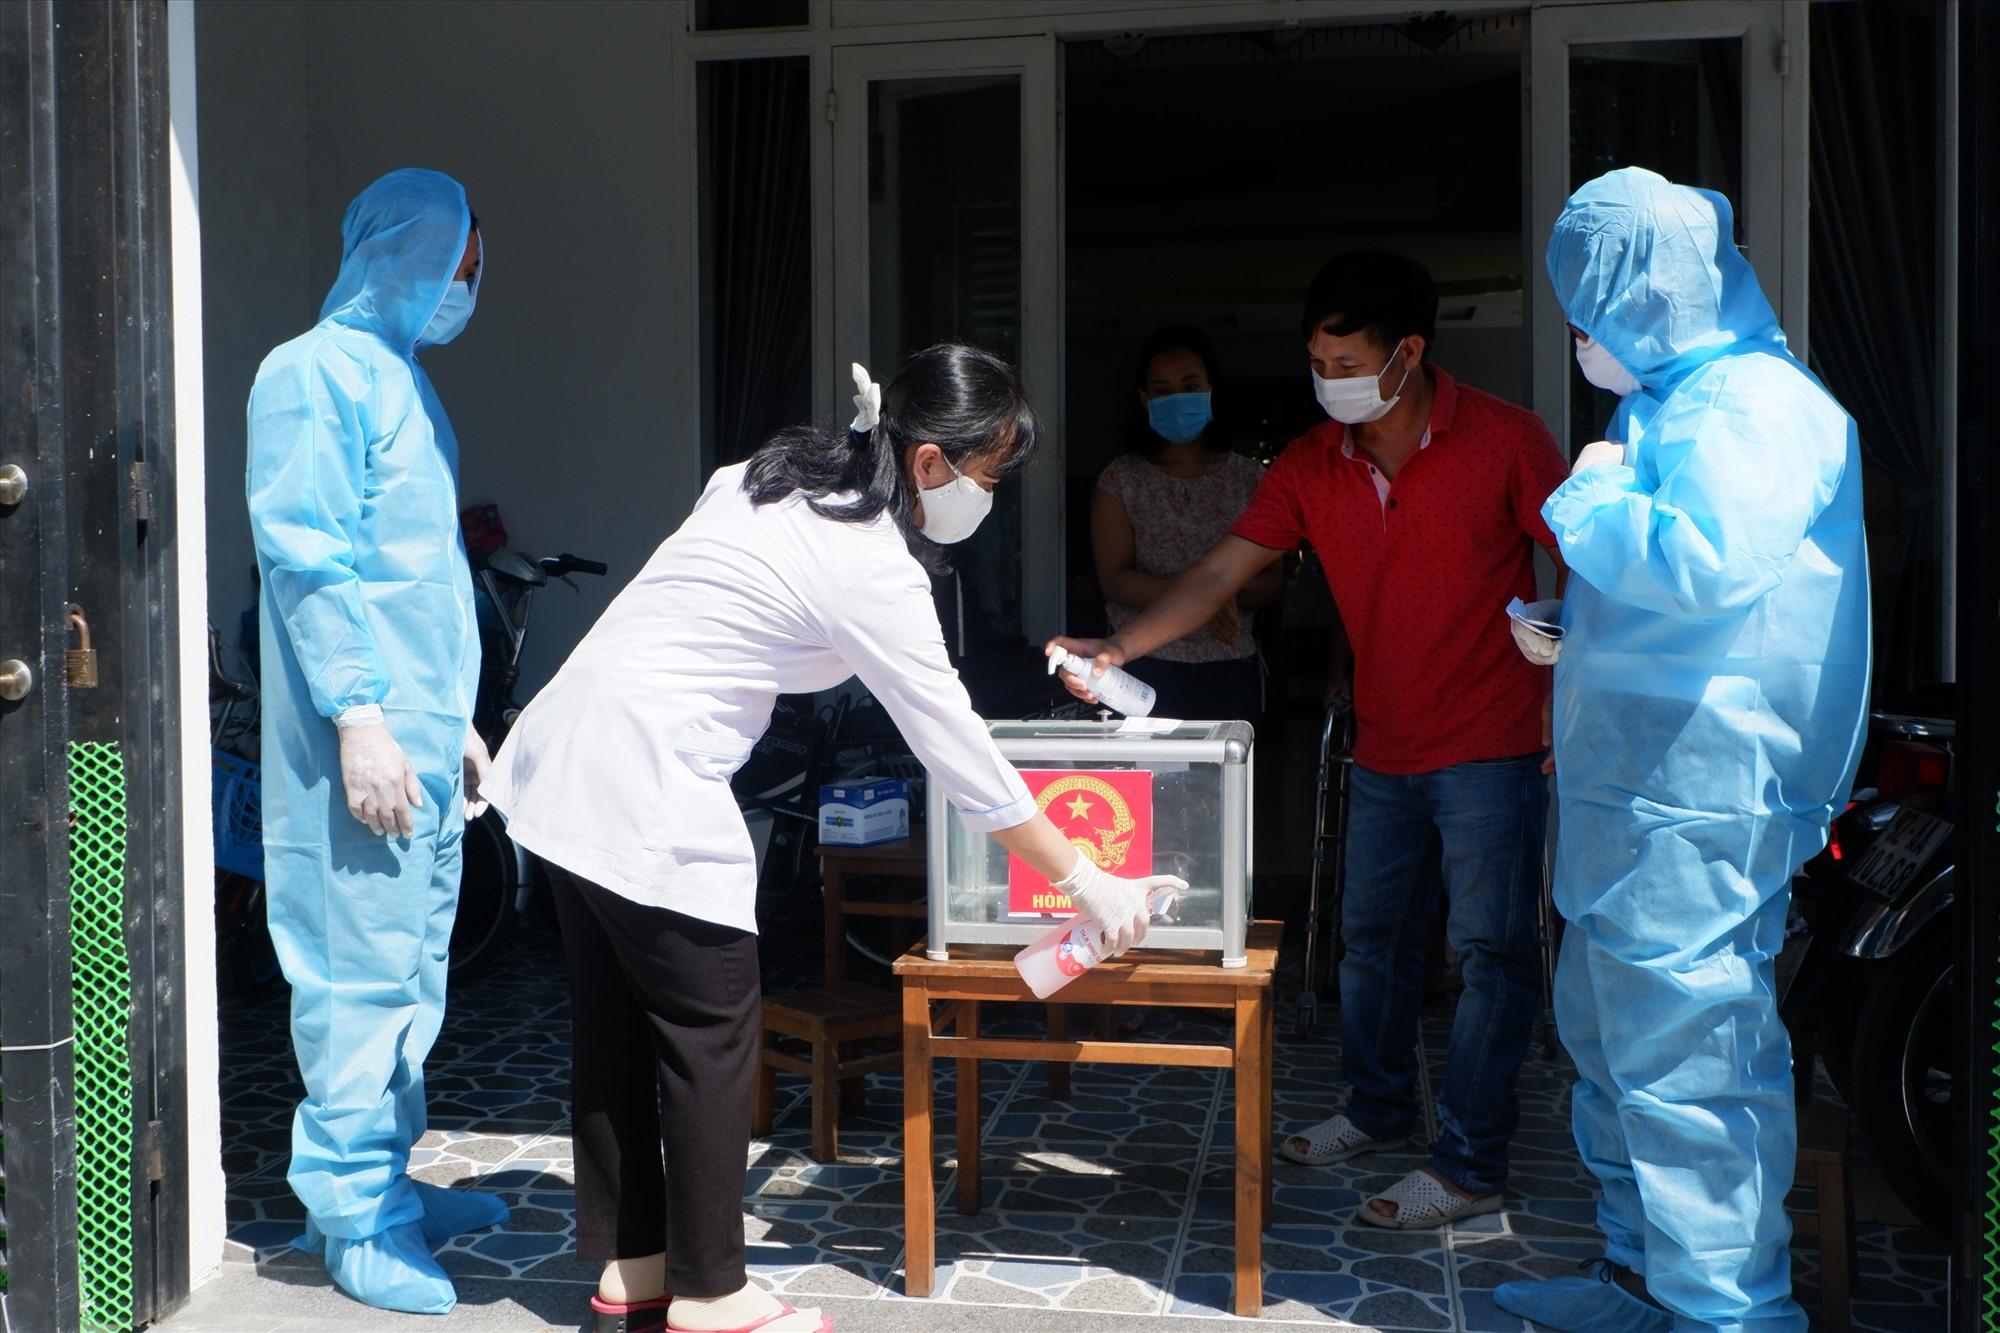 Nhân viên y tế khử khuẩn thùng phiếu phụ khi đưa đến nhà cử tri đang thực hiện cách ly.